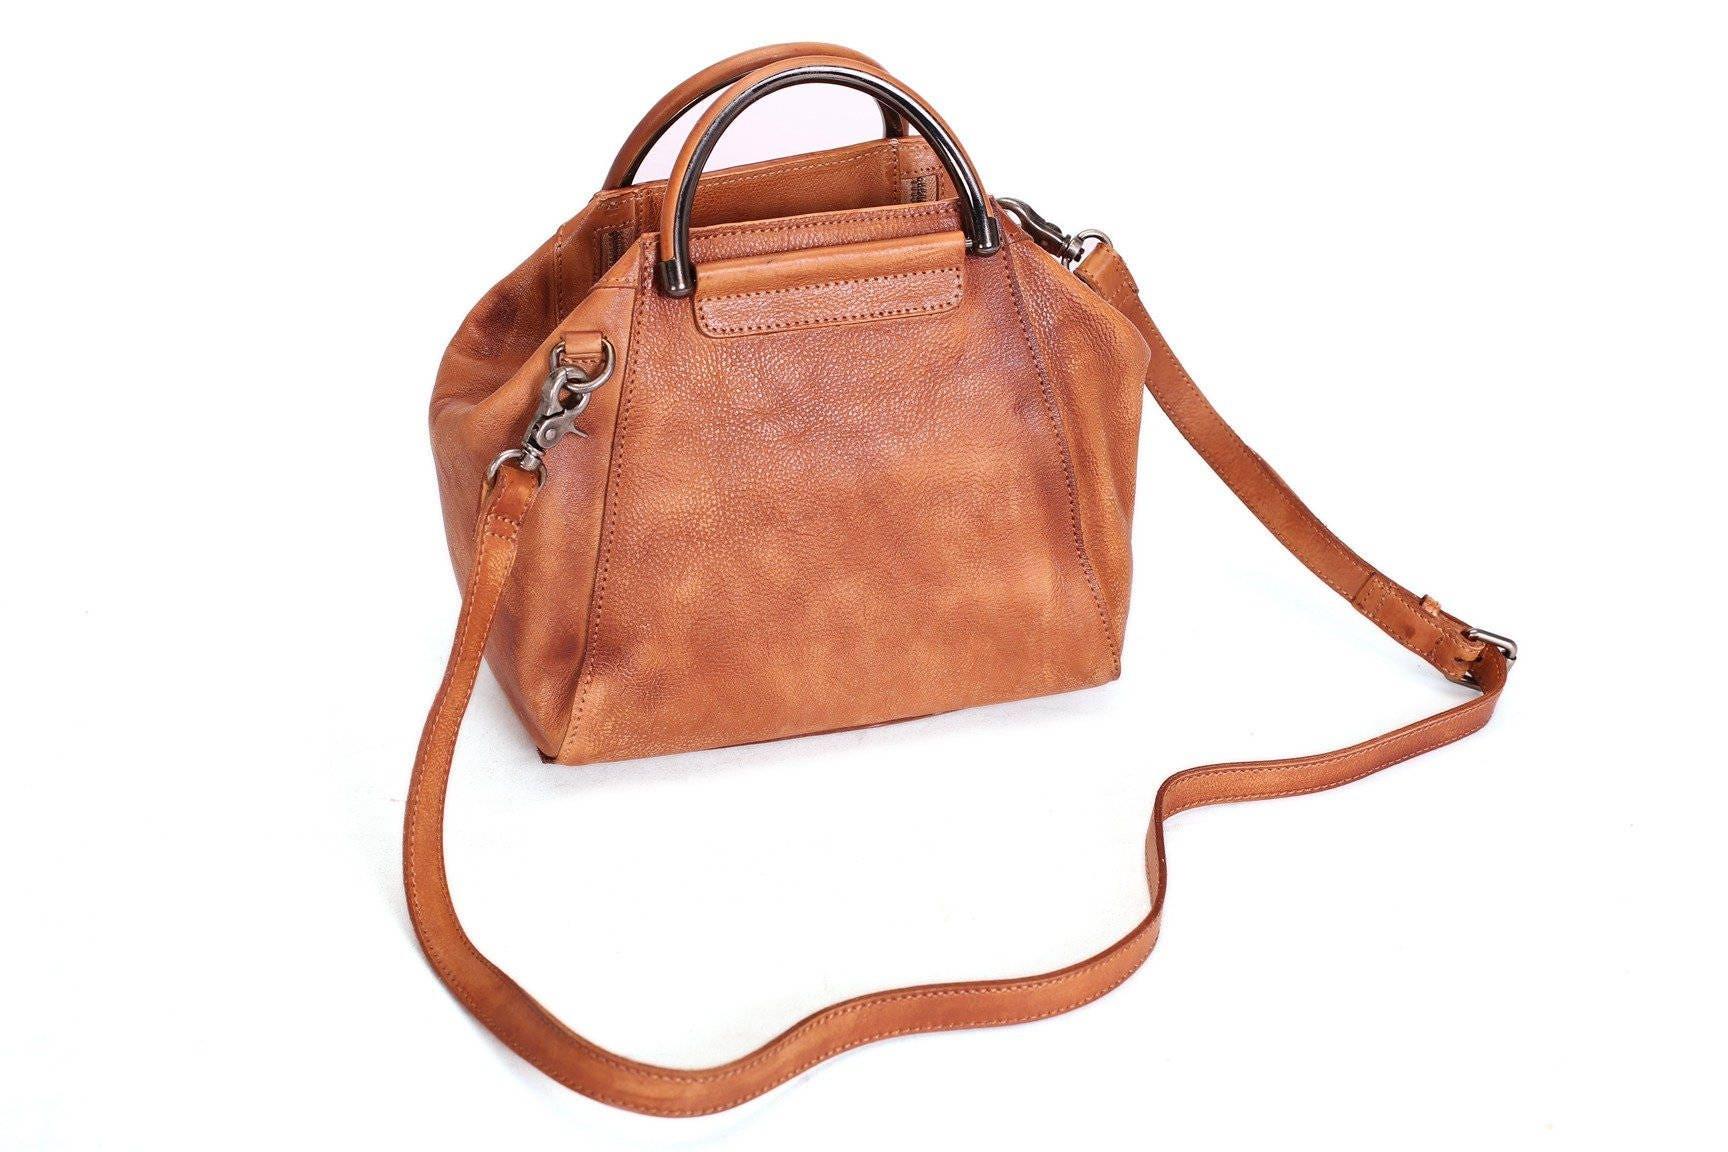 Handmade Full Grain Leather Womens Satchel Shoulder Bag Handbag